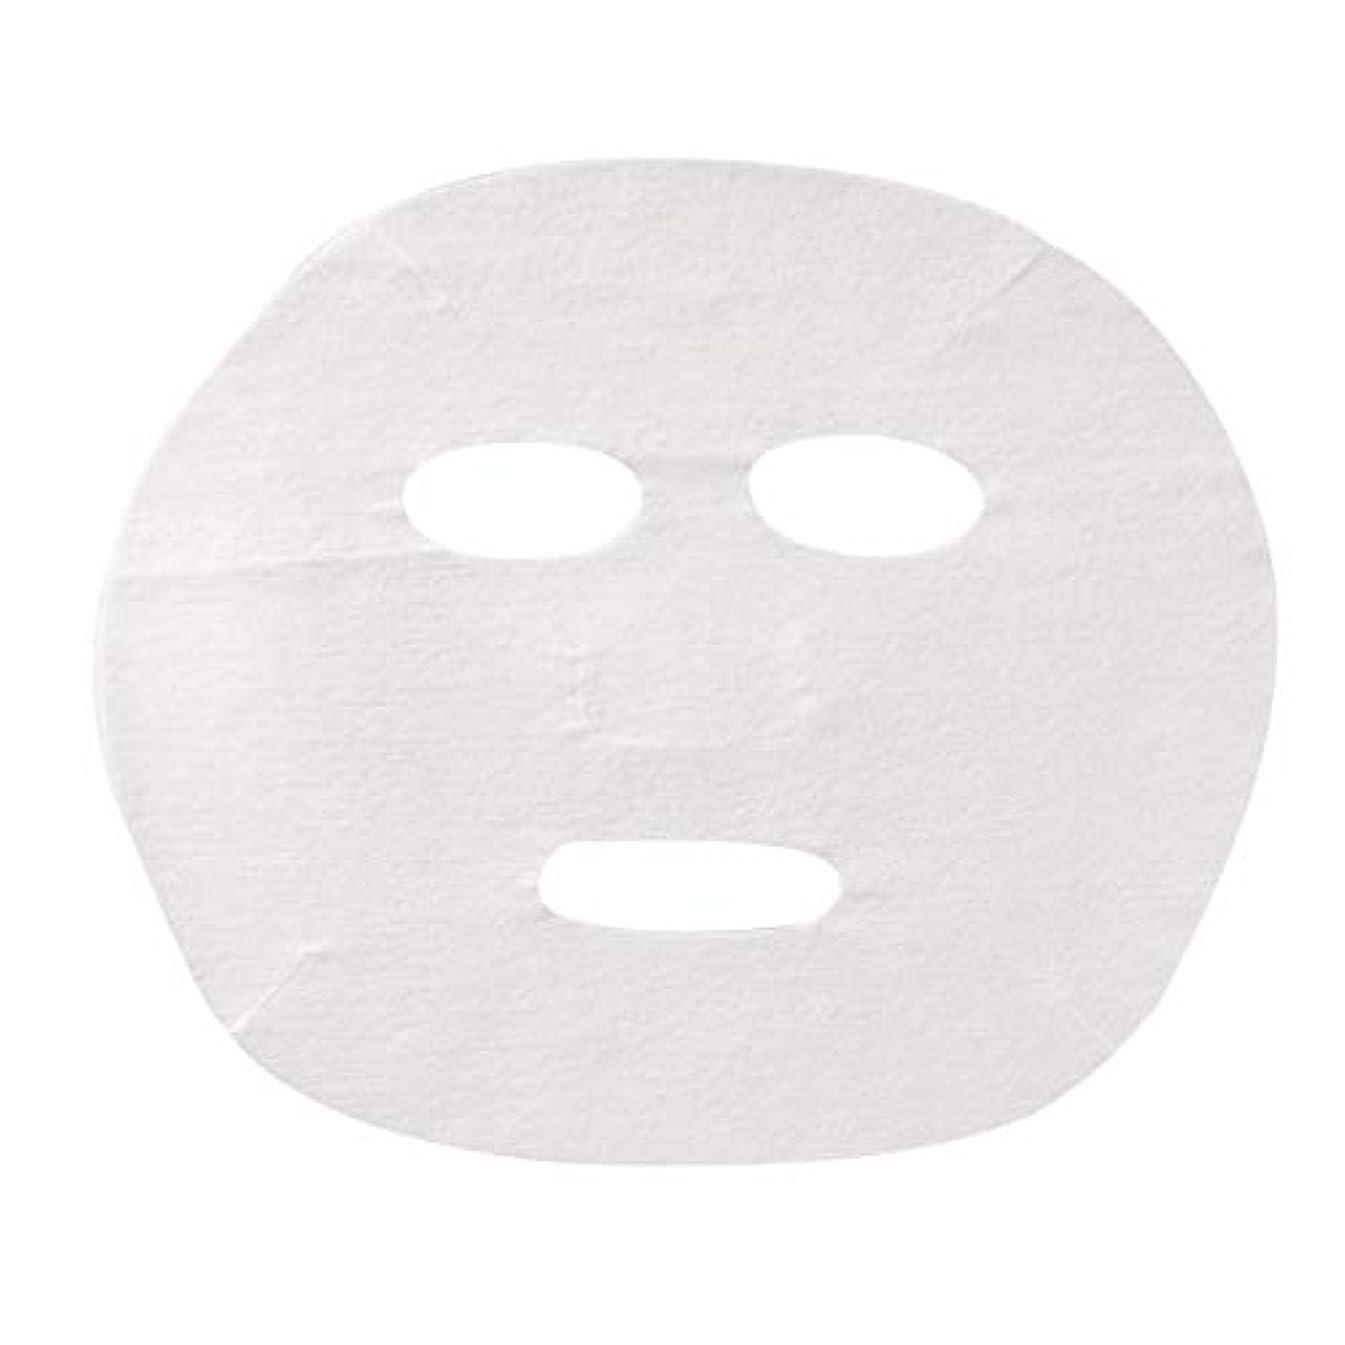 松小学生ゲインセイフェイシャルシート (薄手タイプ) 70枚入 22.5×18.5cm [ フェイスマスク フェイスシート フェイスパック フェイシャルマスク フェイシャルパック ローションマスク ローションパック フェイス パック マスク ]